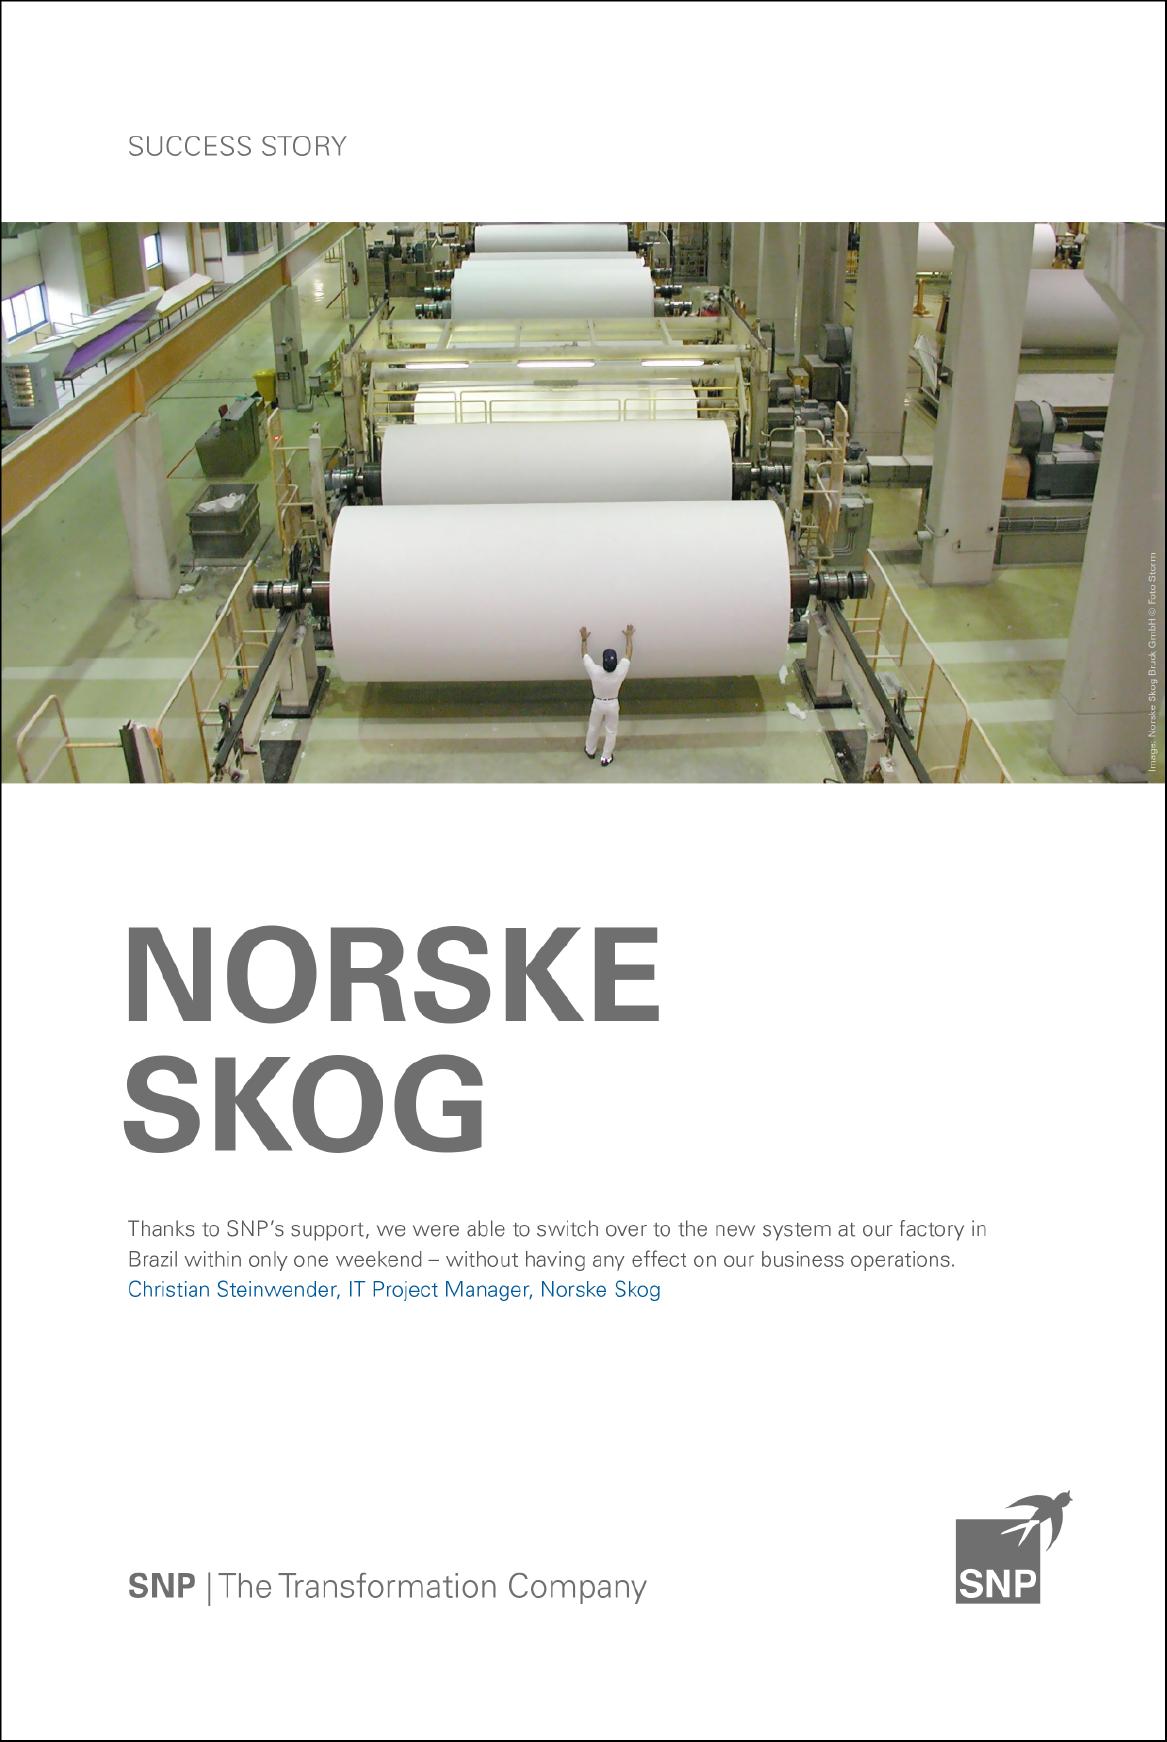 Norske_Skog_Cover_EN.png